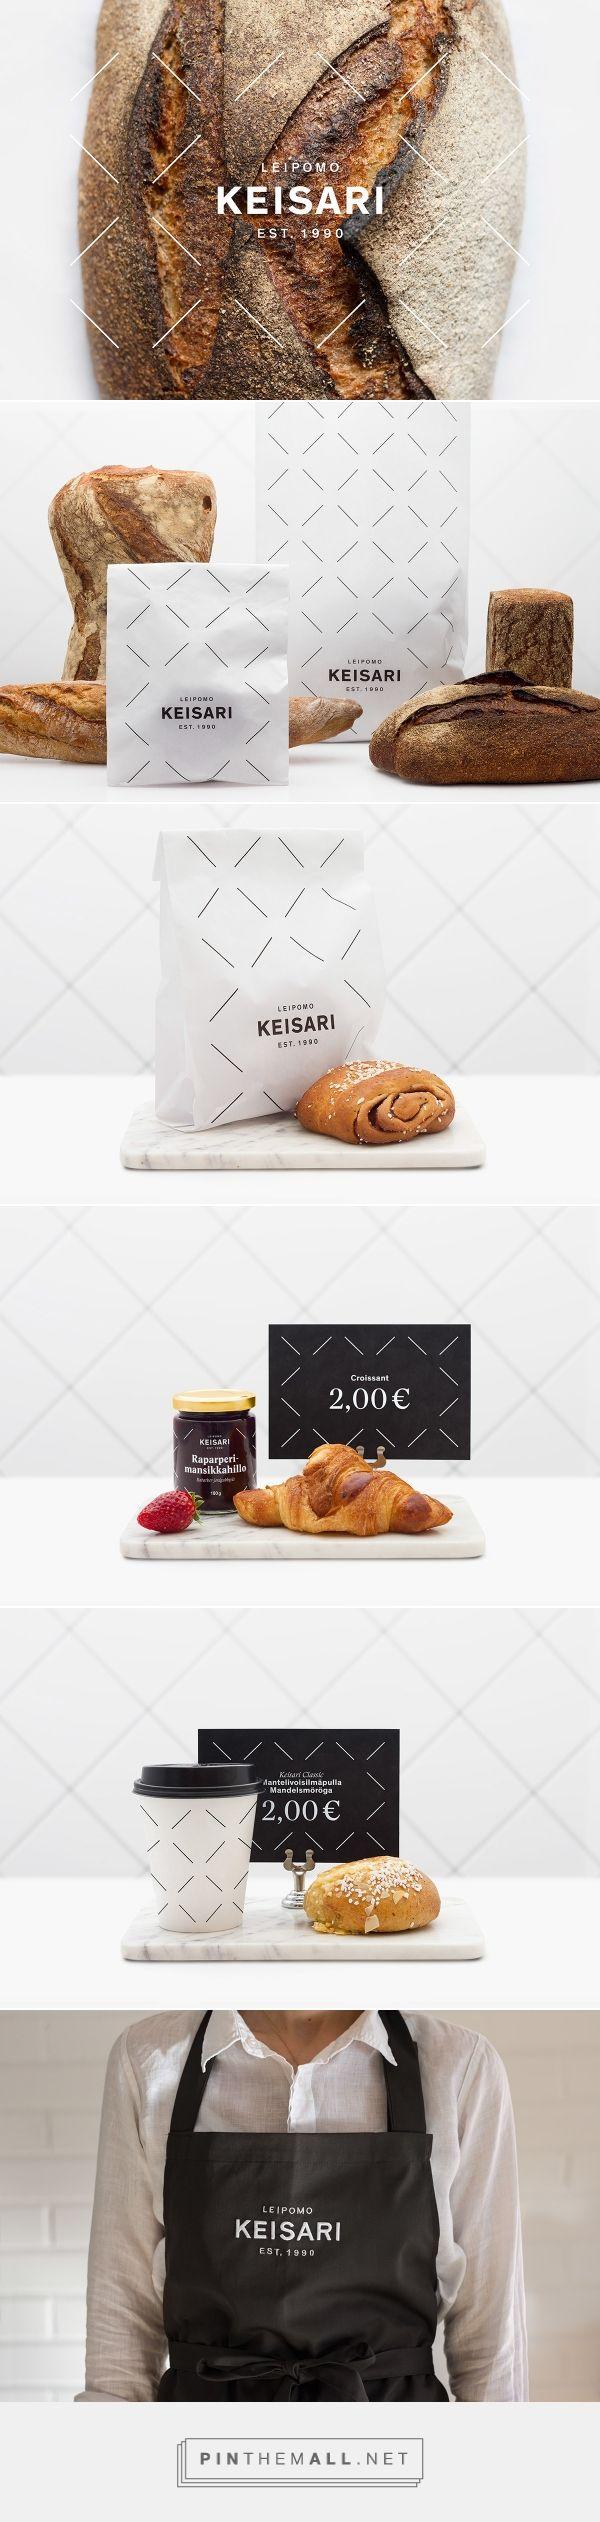 Keisari Bakery | Werklig